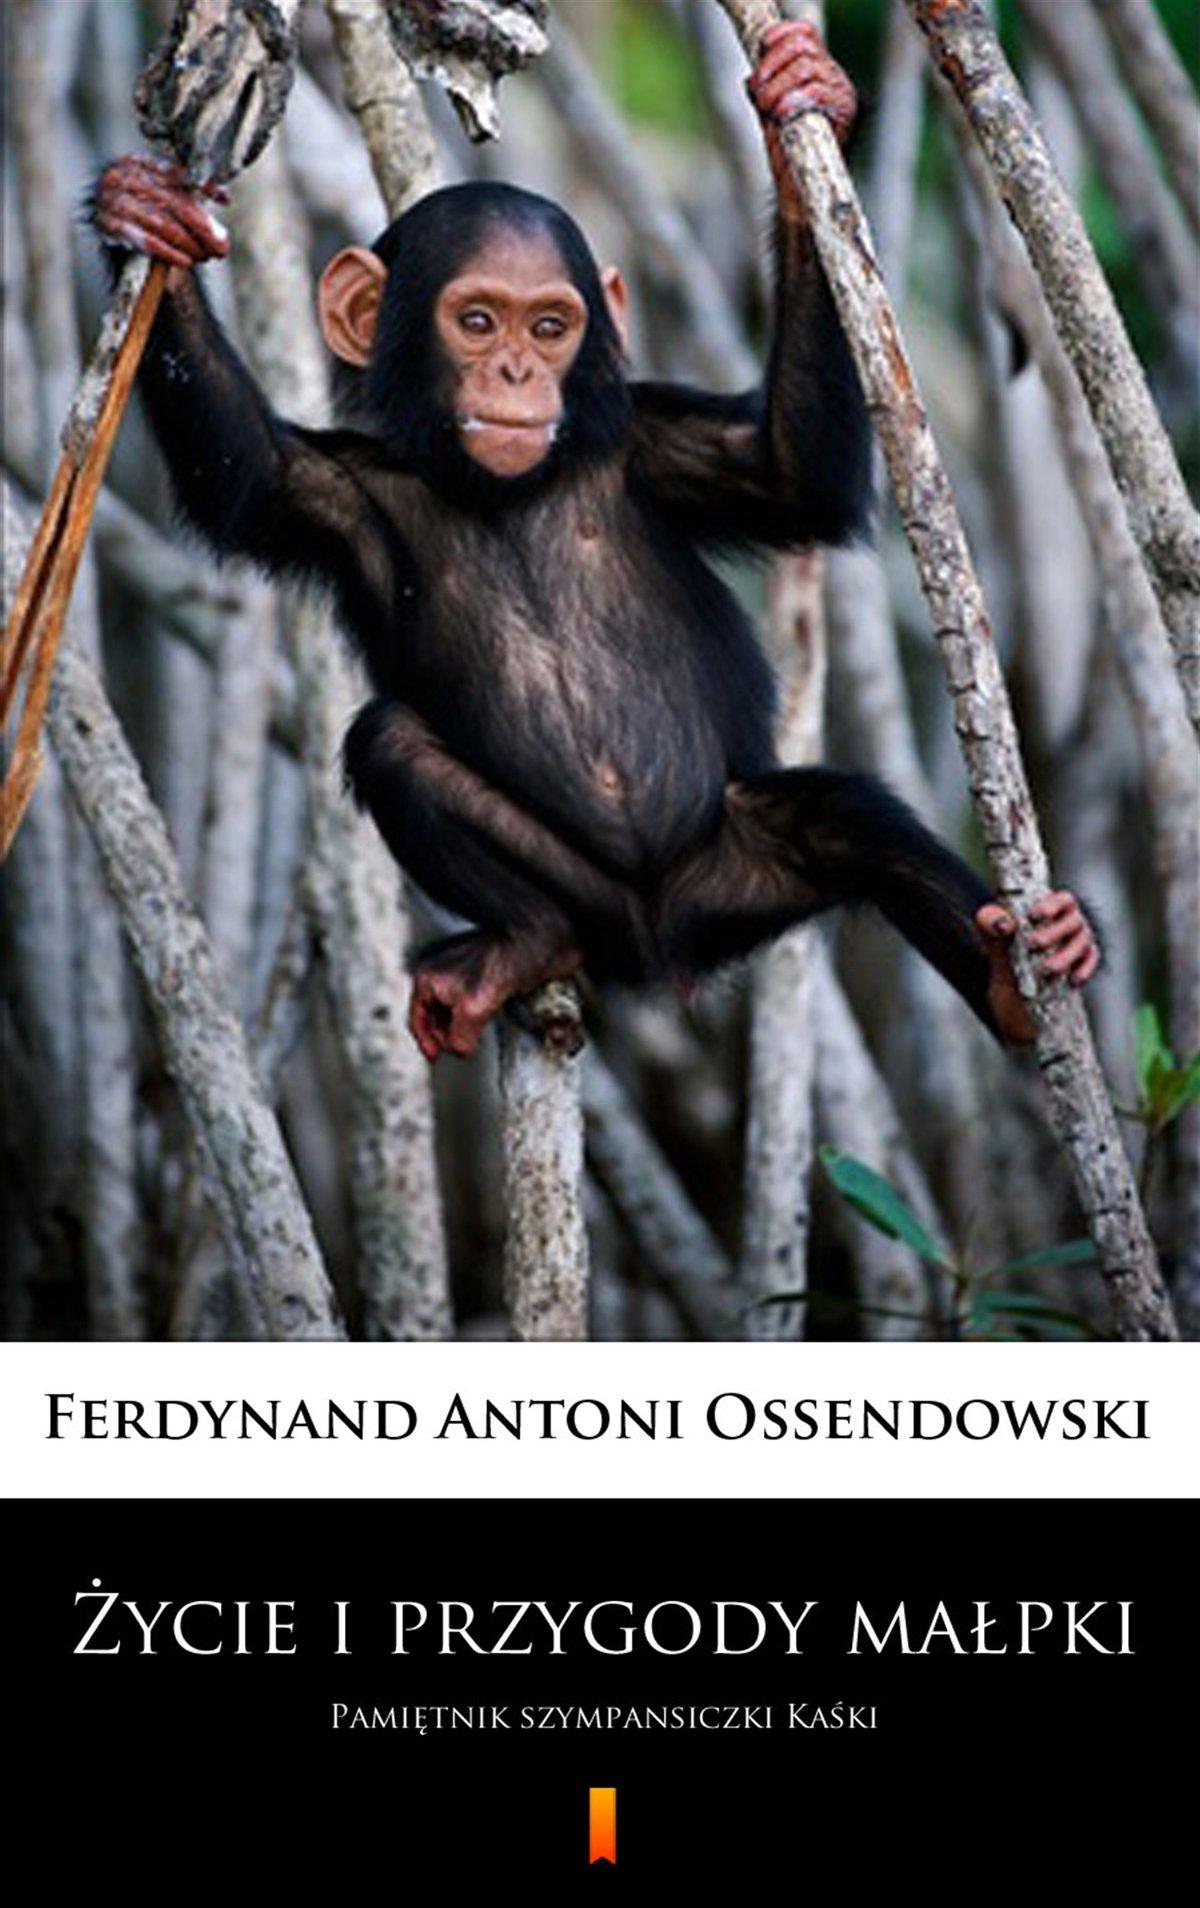 Życie i przygody małpki - Ebook (Książka EPUB) do pobrania w formacie EPUB